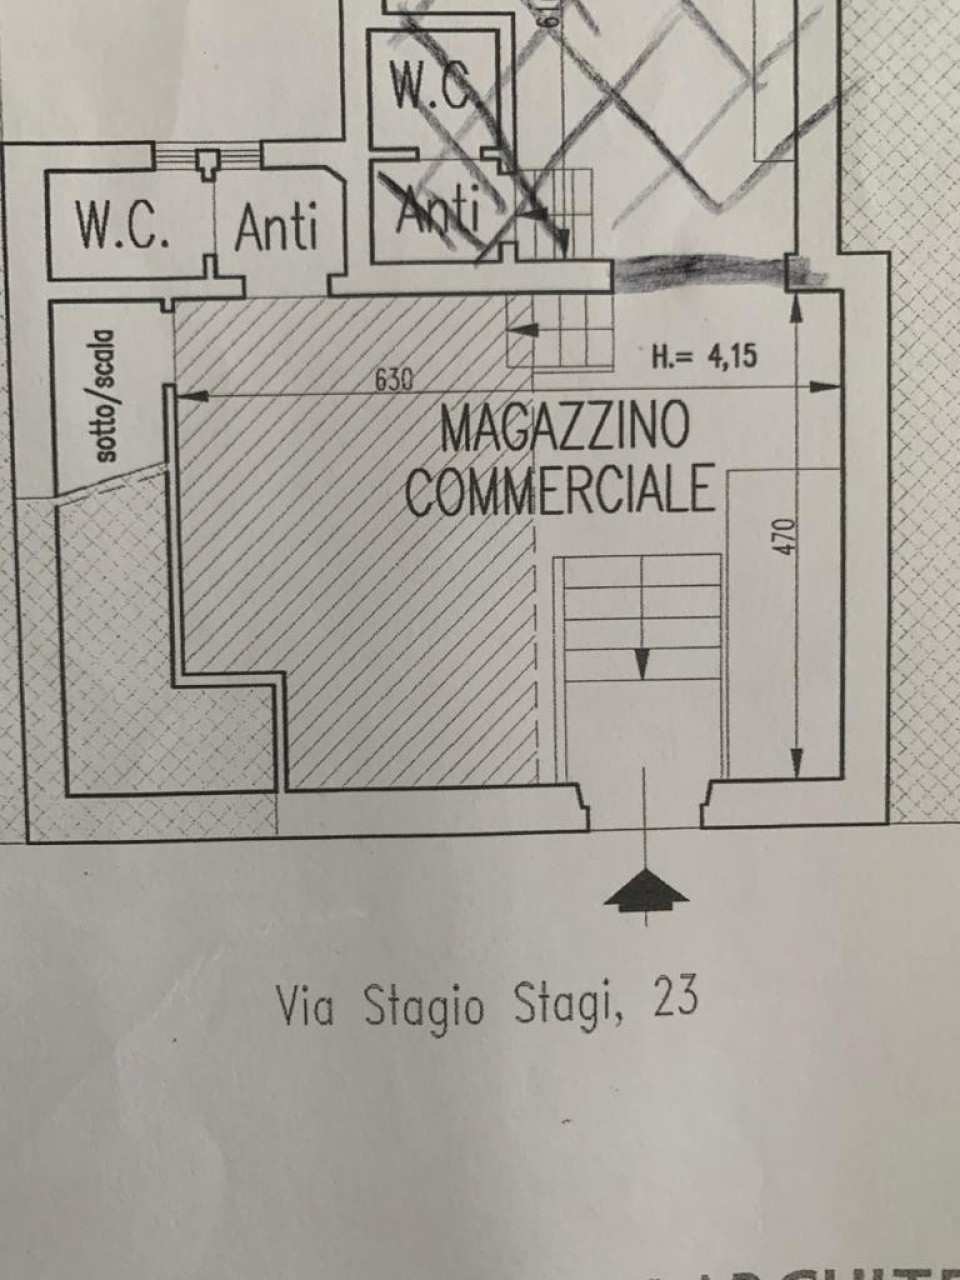 Immobile Commerciale in affitto a Forte dei Marmi, 9999 locali, prezzo € 12.000 | CambioCasa.it